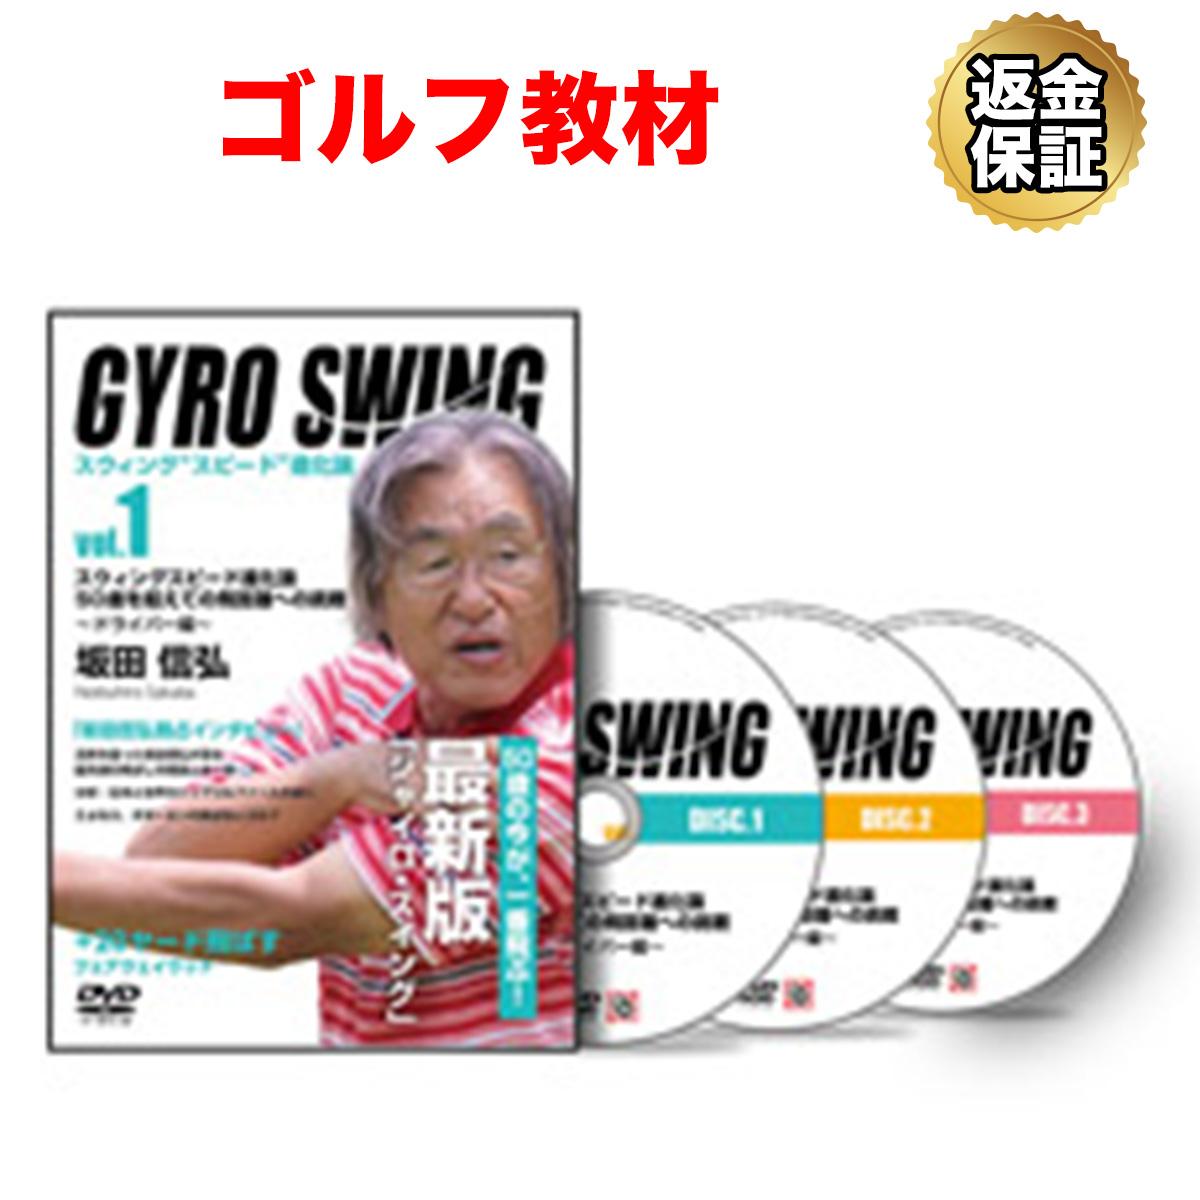 【ゴルフ】坂田 信弘 スウィングスピード進化論 50歳を超えても伸びる!飛距離への挑戦~ドライバー編~